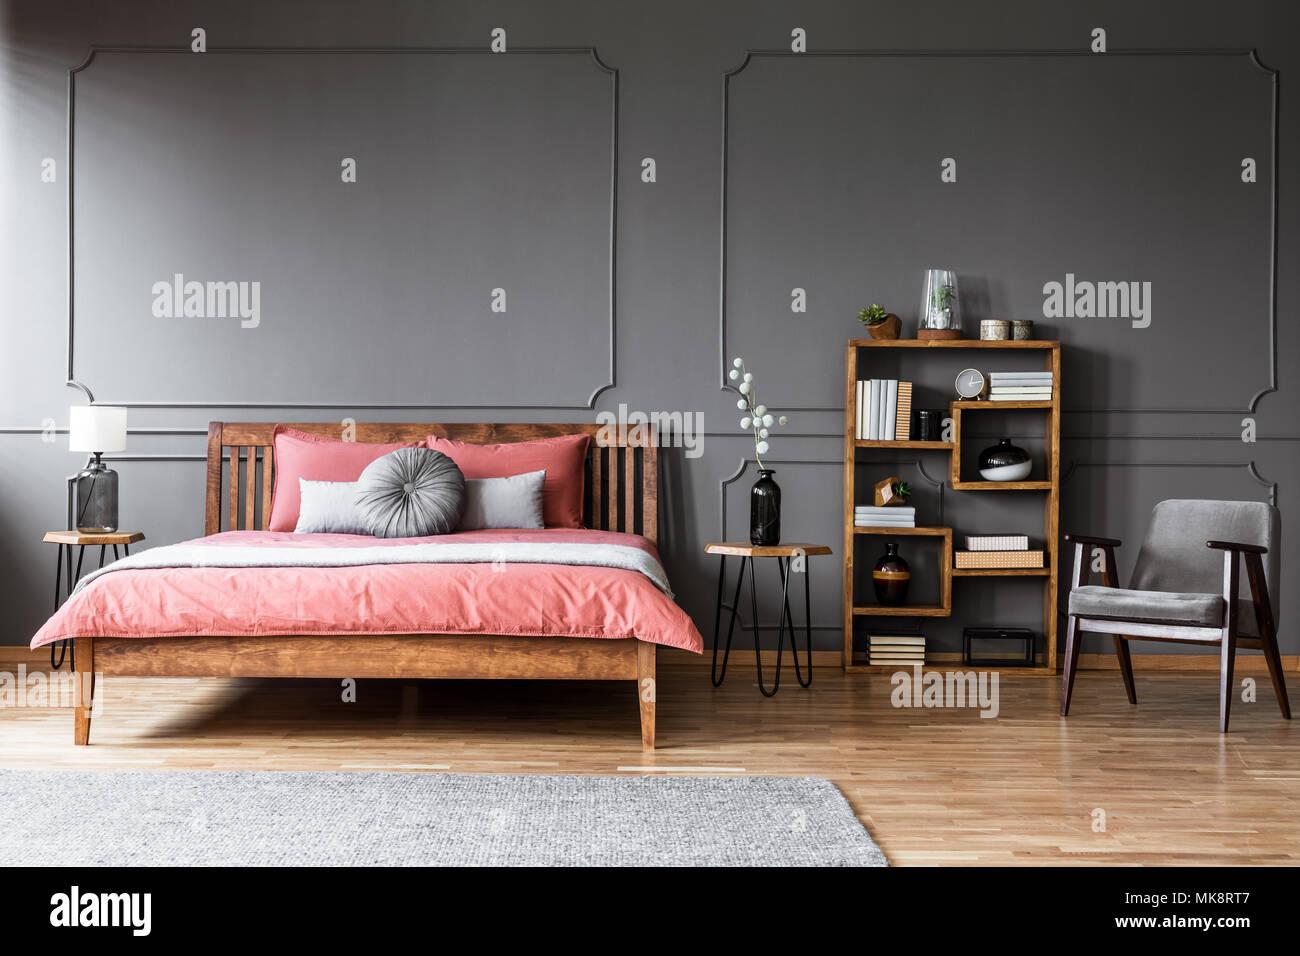 Bett aus Holz mit rosa Bettwäsche gegen graue Wand mit Spritzguss in ...